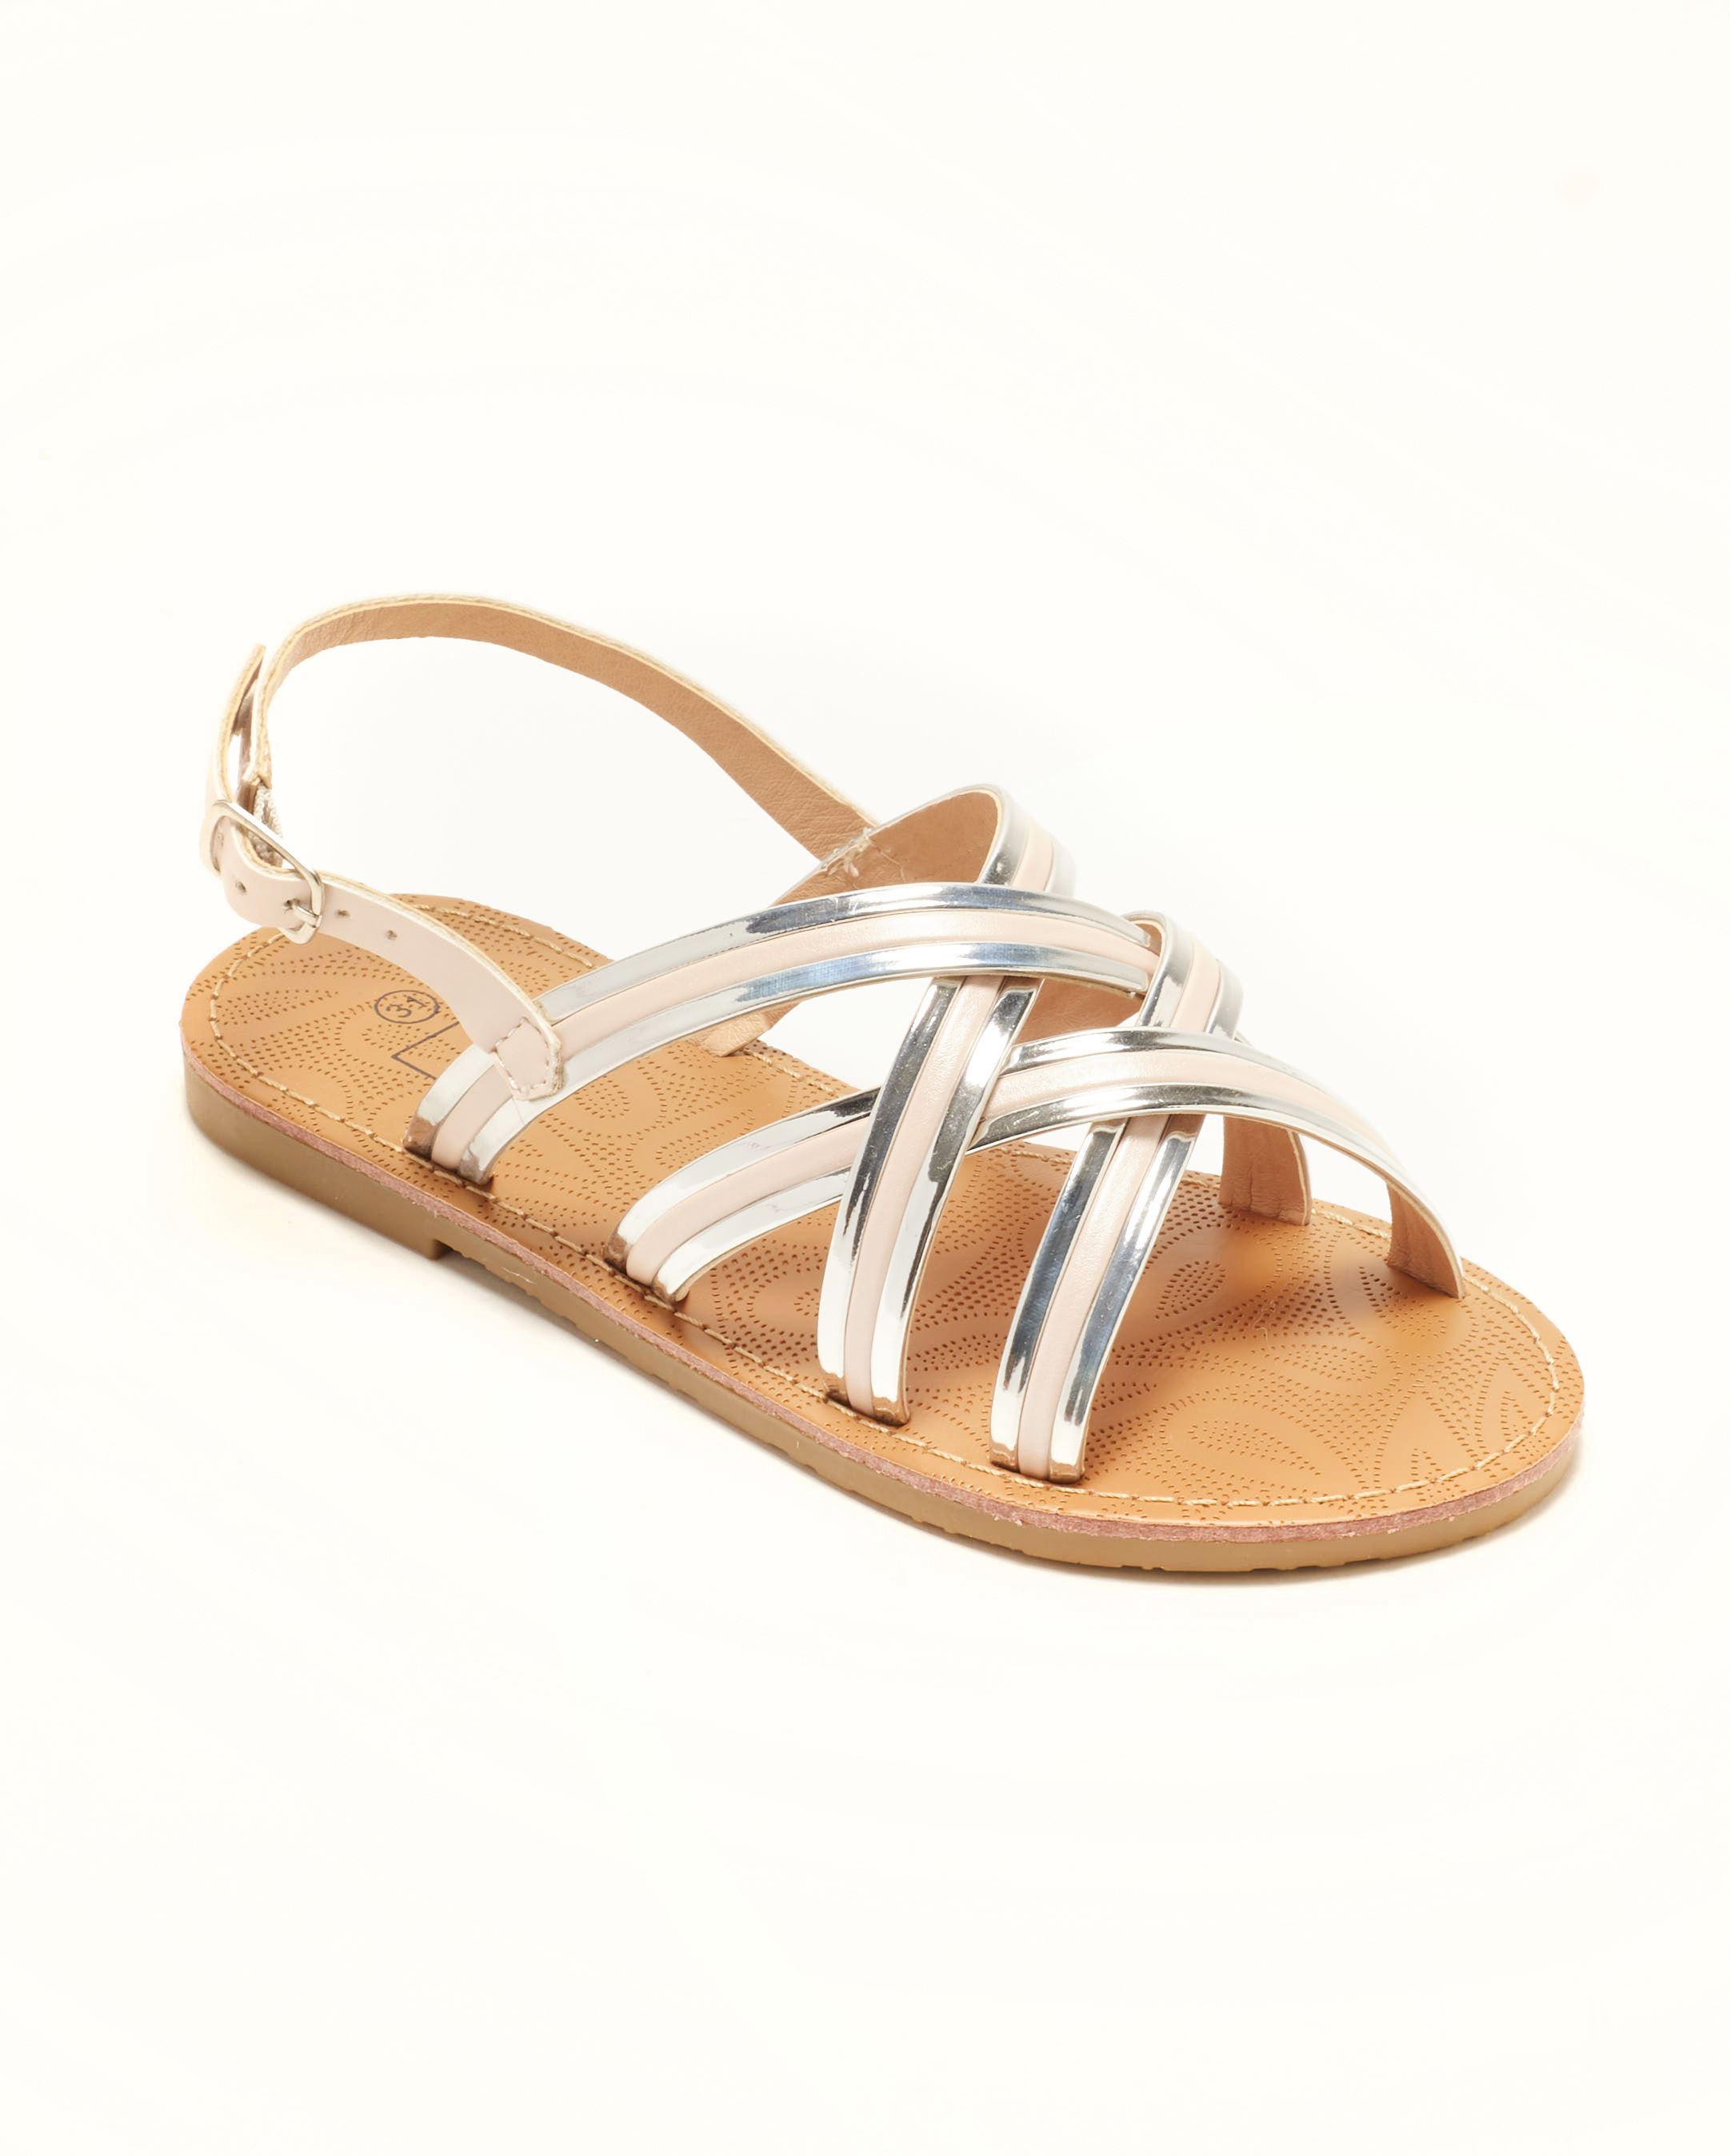 Sandales Fille - Sandale Ouverte Nude Argent Jina - Ydxls23j-4 Jf